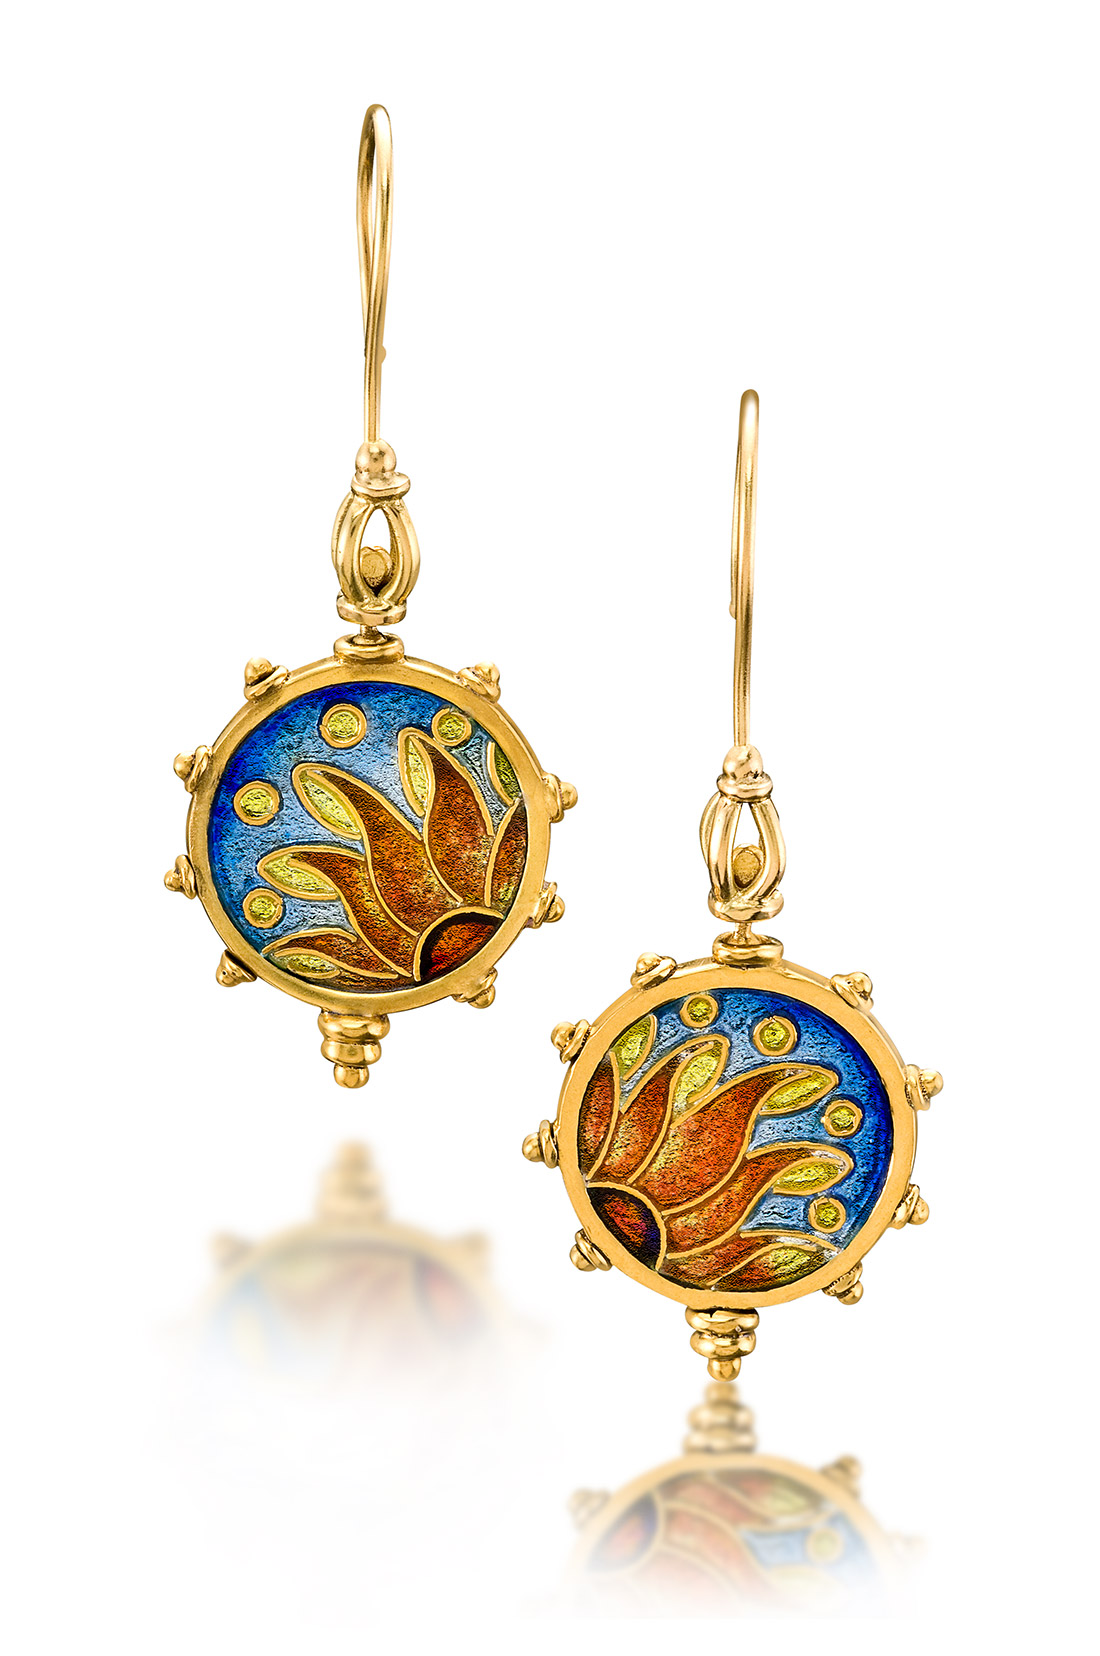 Custom Enamel Earrings | Pathos | Enamel Jewelry by Patsy Croft